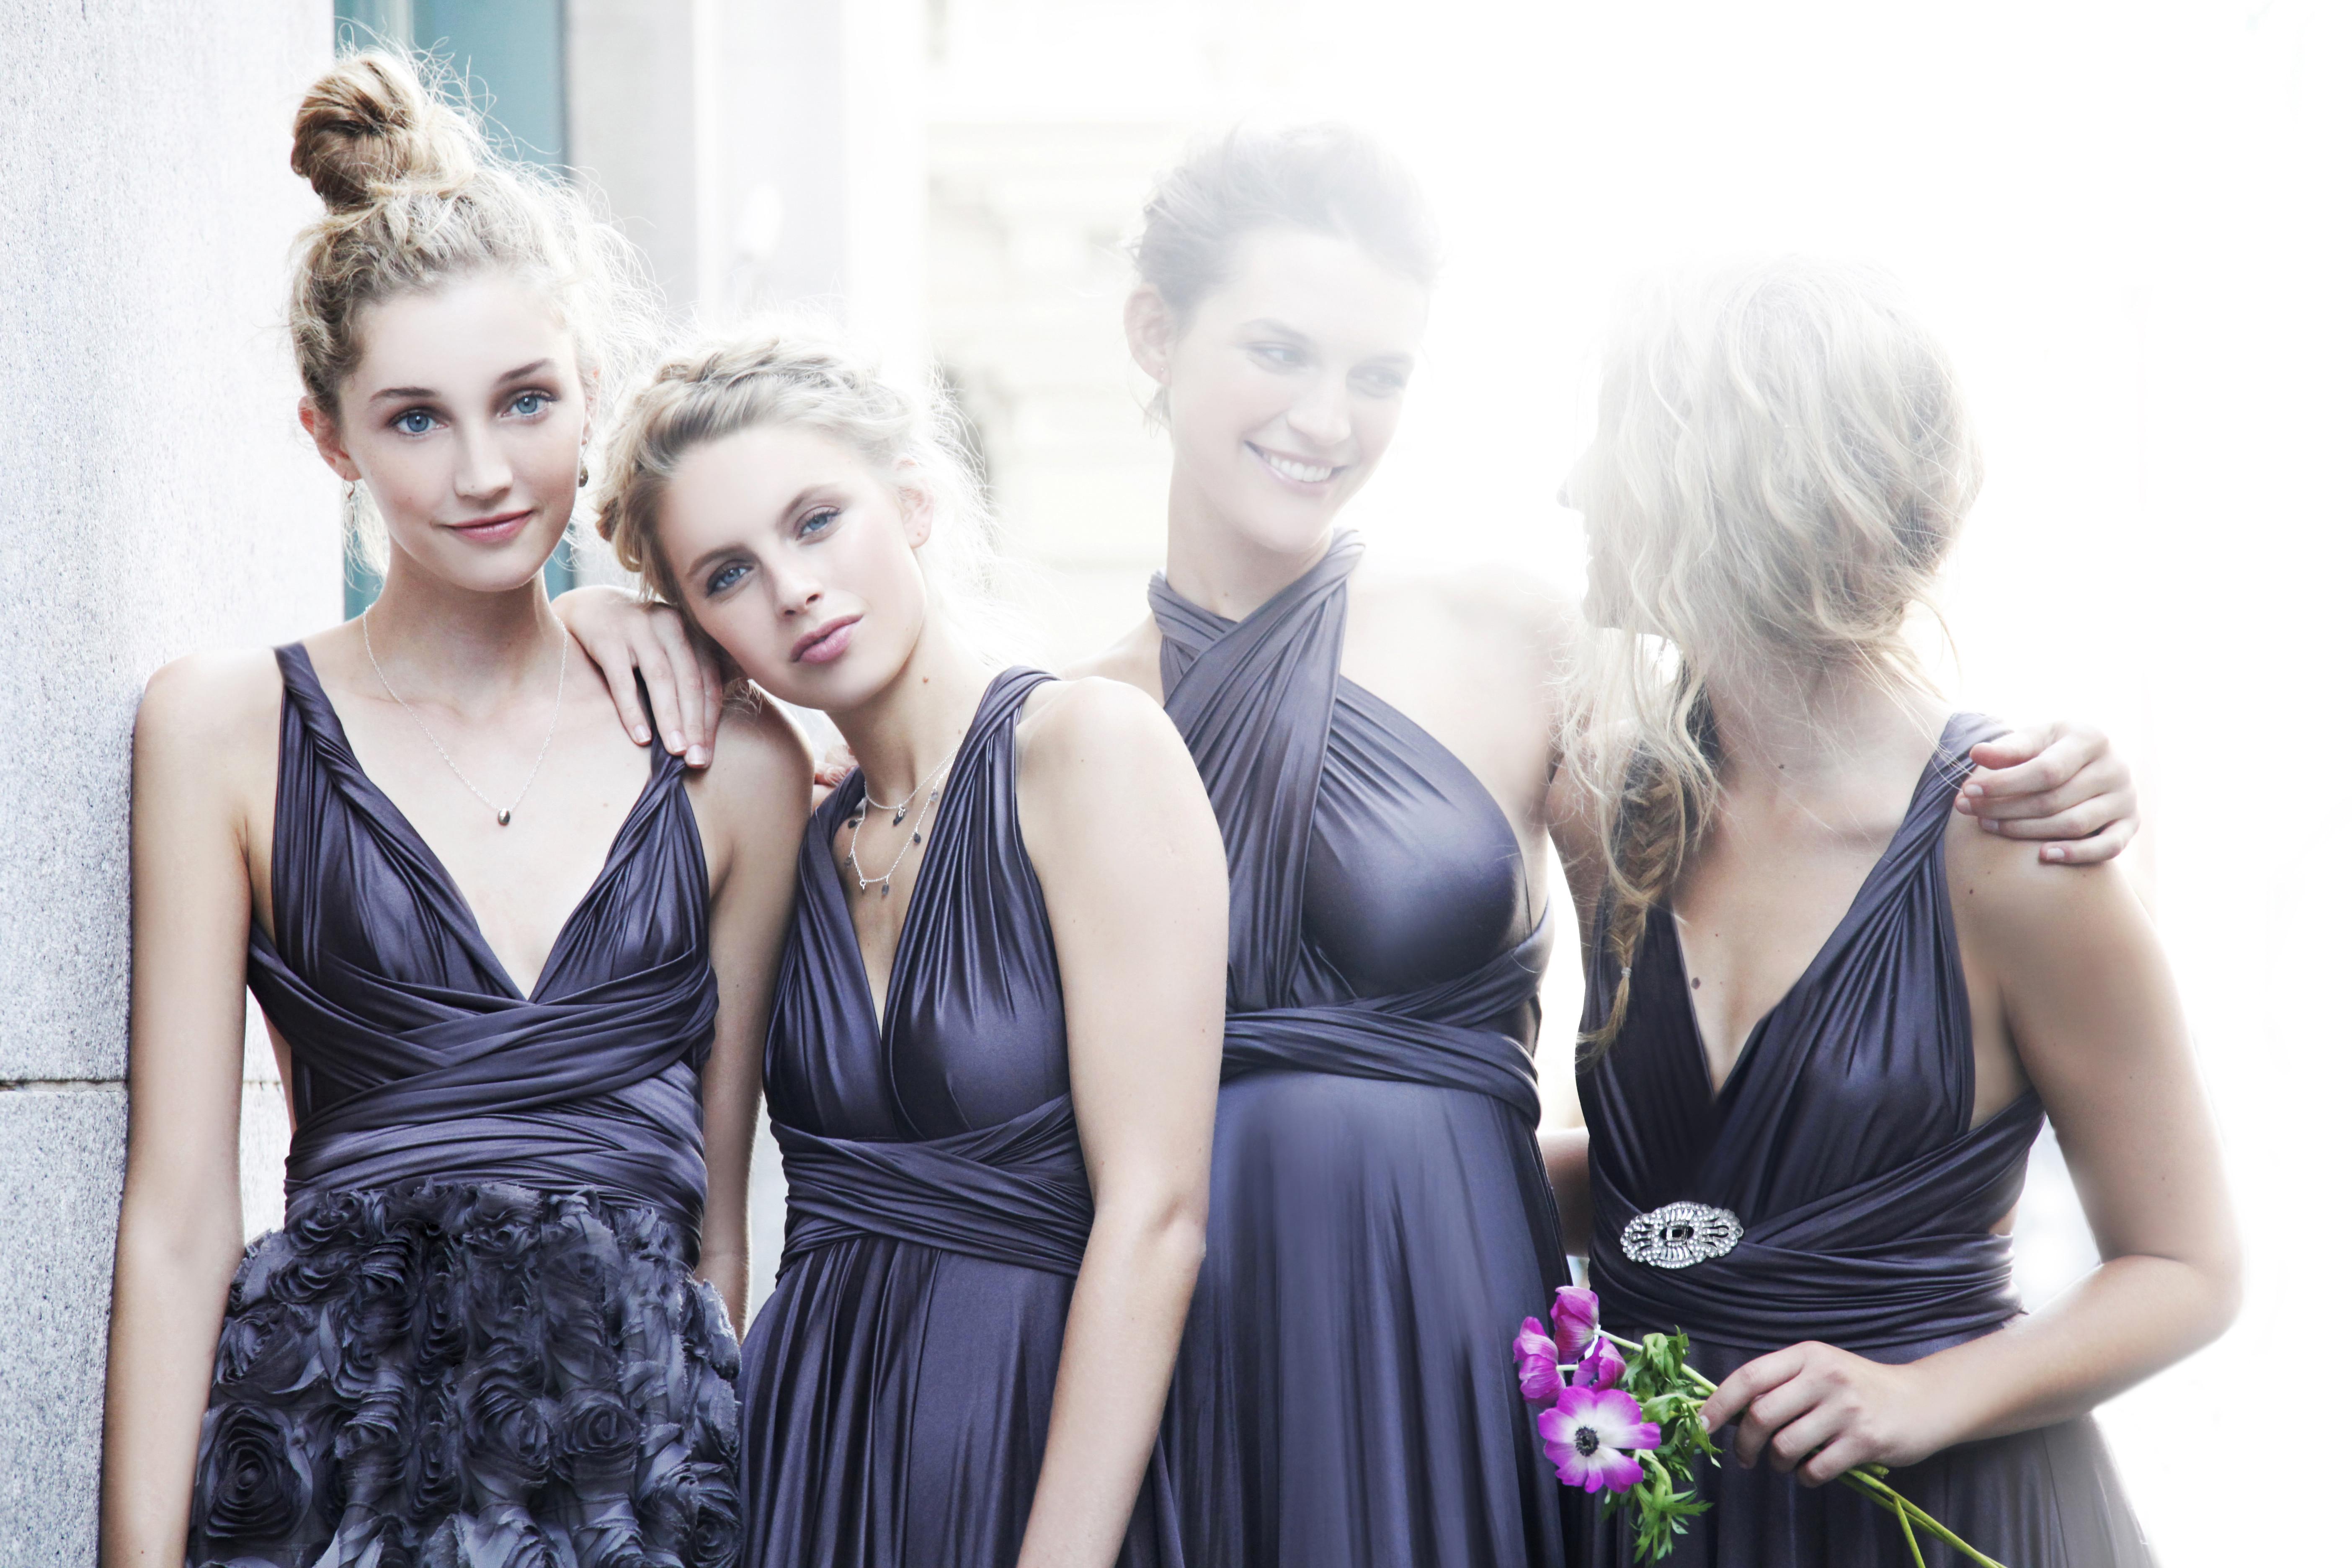 bridebook.co.uk twobirds steel dresses in different styles